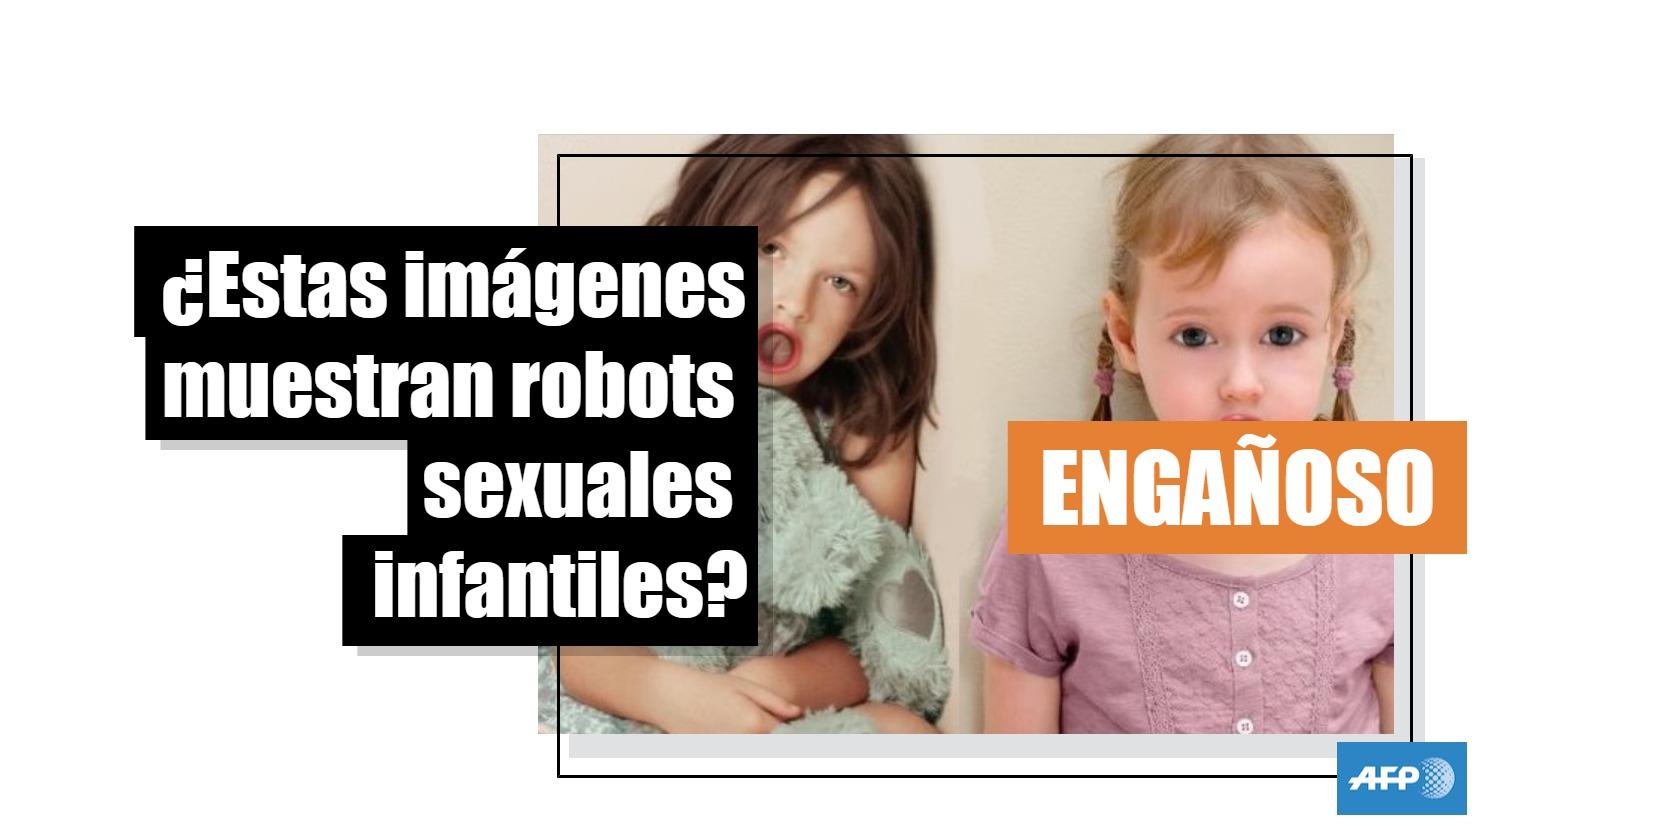 Collage realizado a partir de una captura de pantalla el 10 de octubre de 2018 de imágenes creadas para una campaña contra la pedofilia